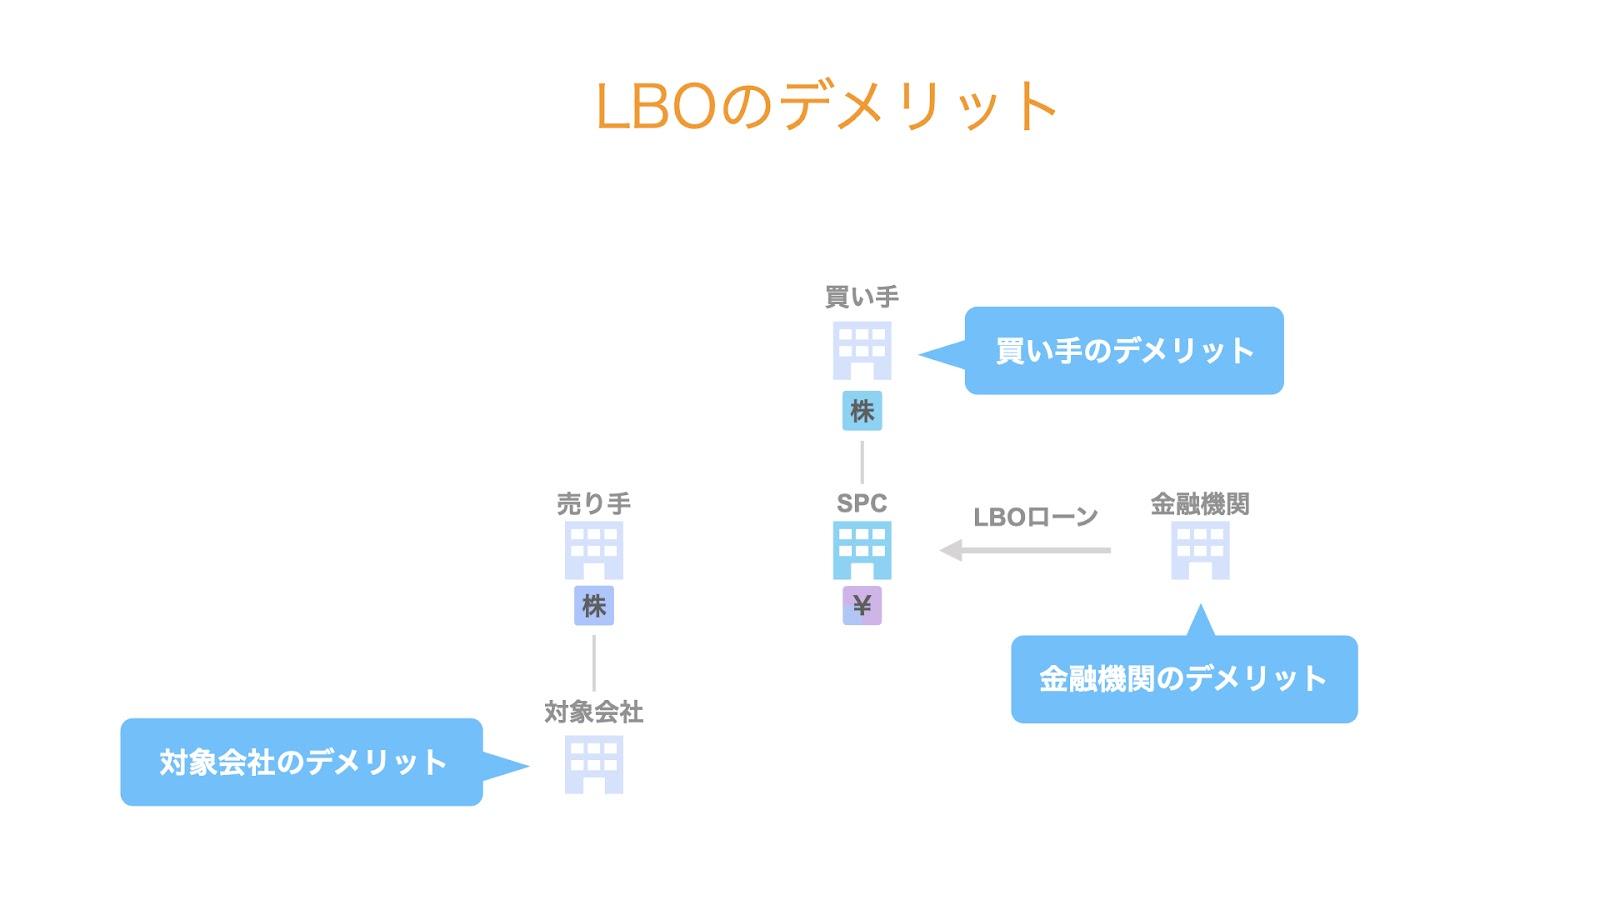 LBOのデメリット